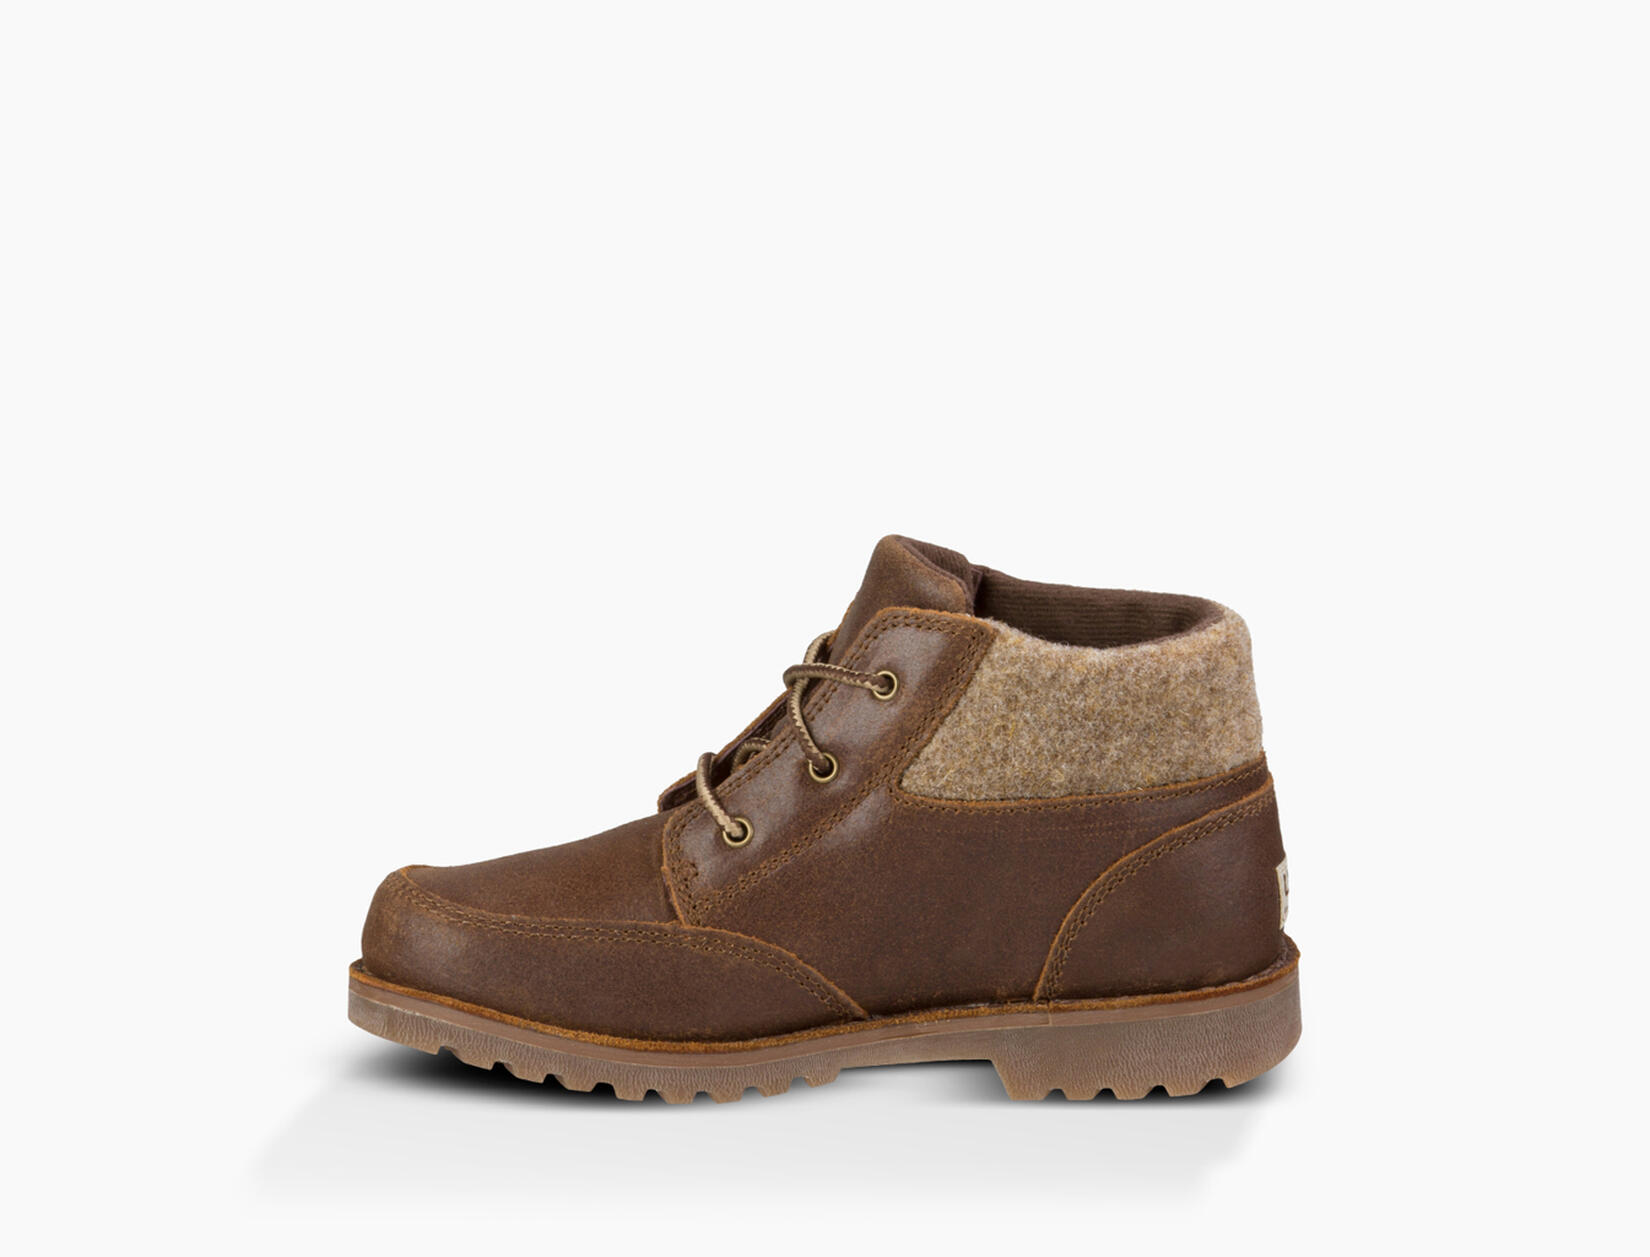 Orin Wool Boot